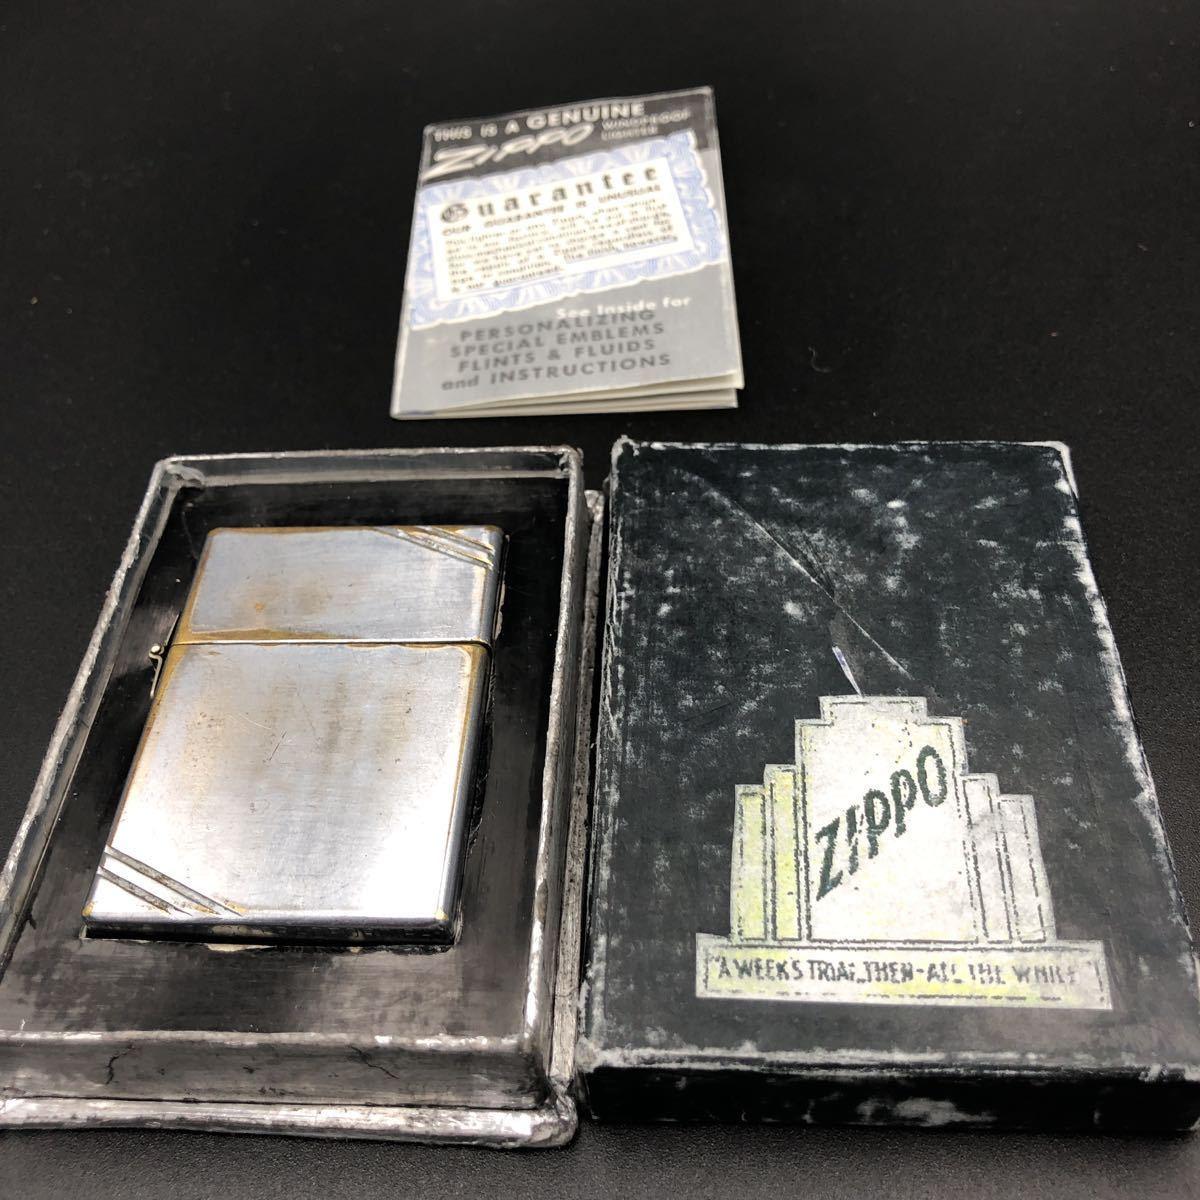 外ヒンジ 1935年 当時物 PAT.PENDING ボックス 取扱い説明書 ZIPPO ジッポー ジッポ_画像2